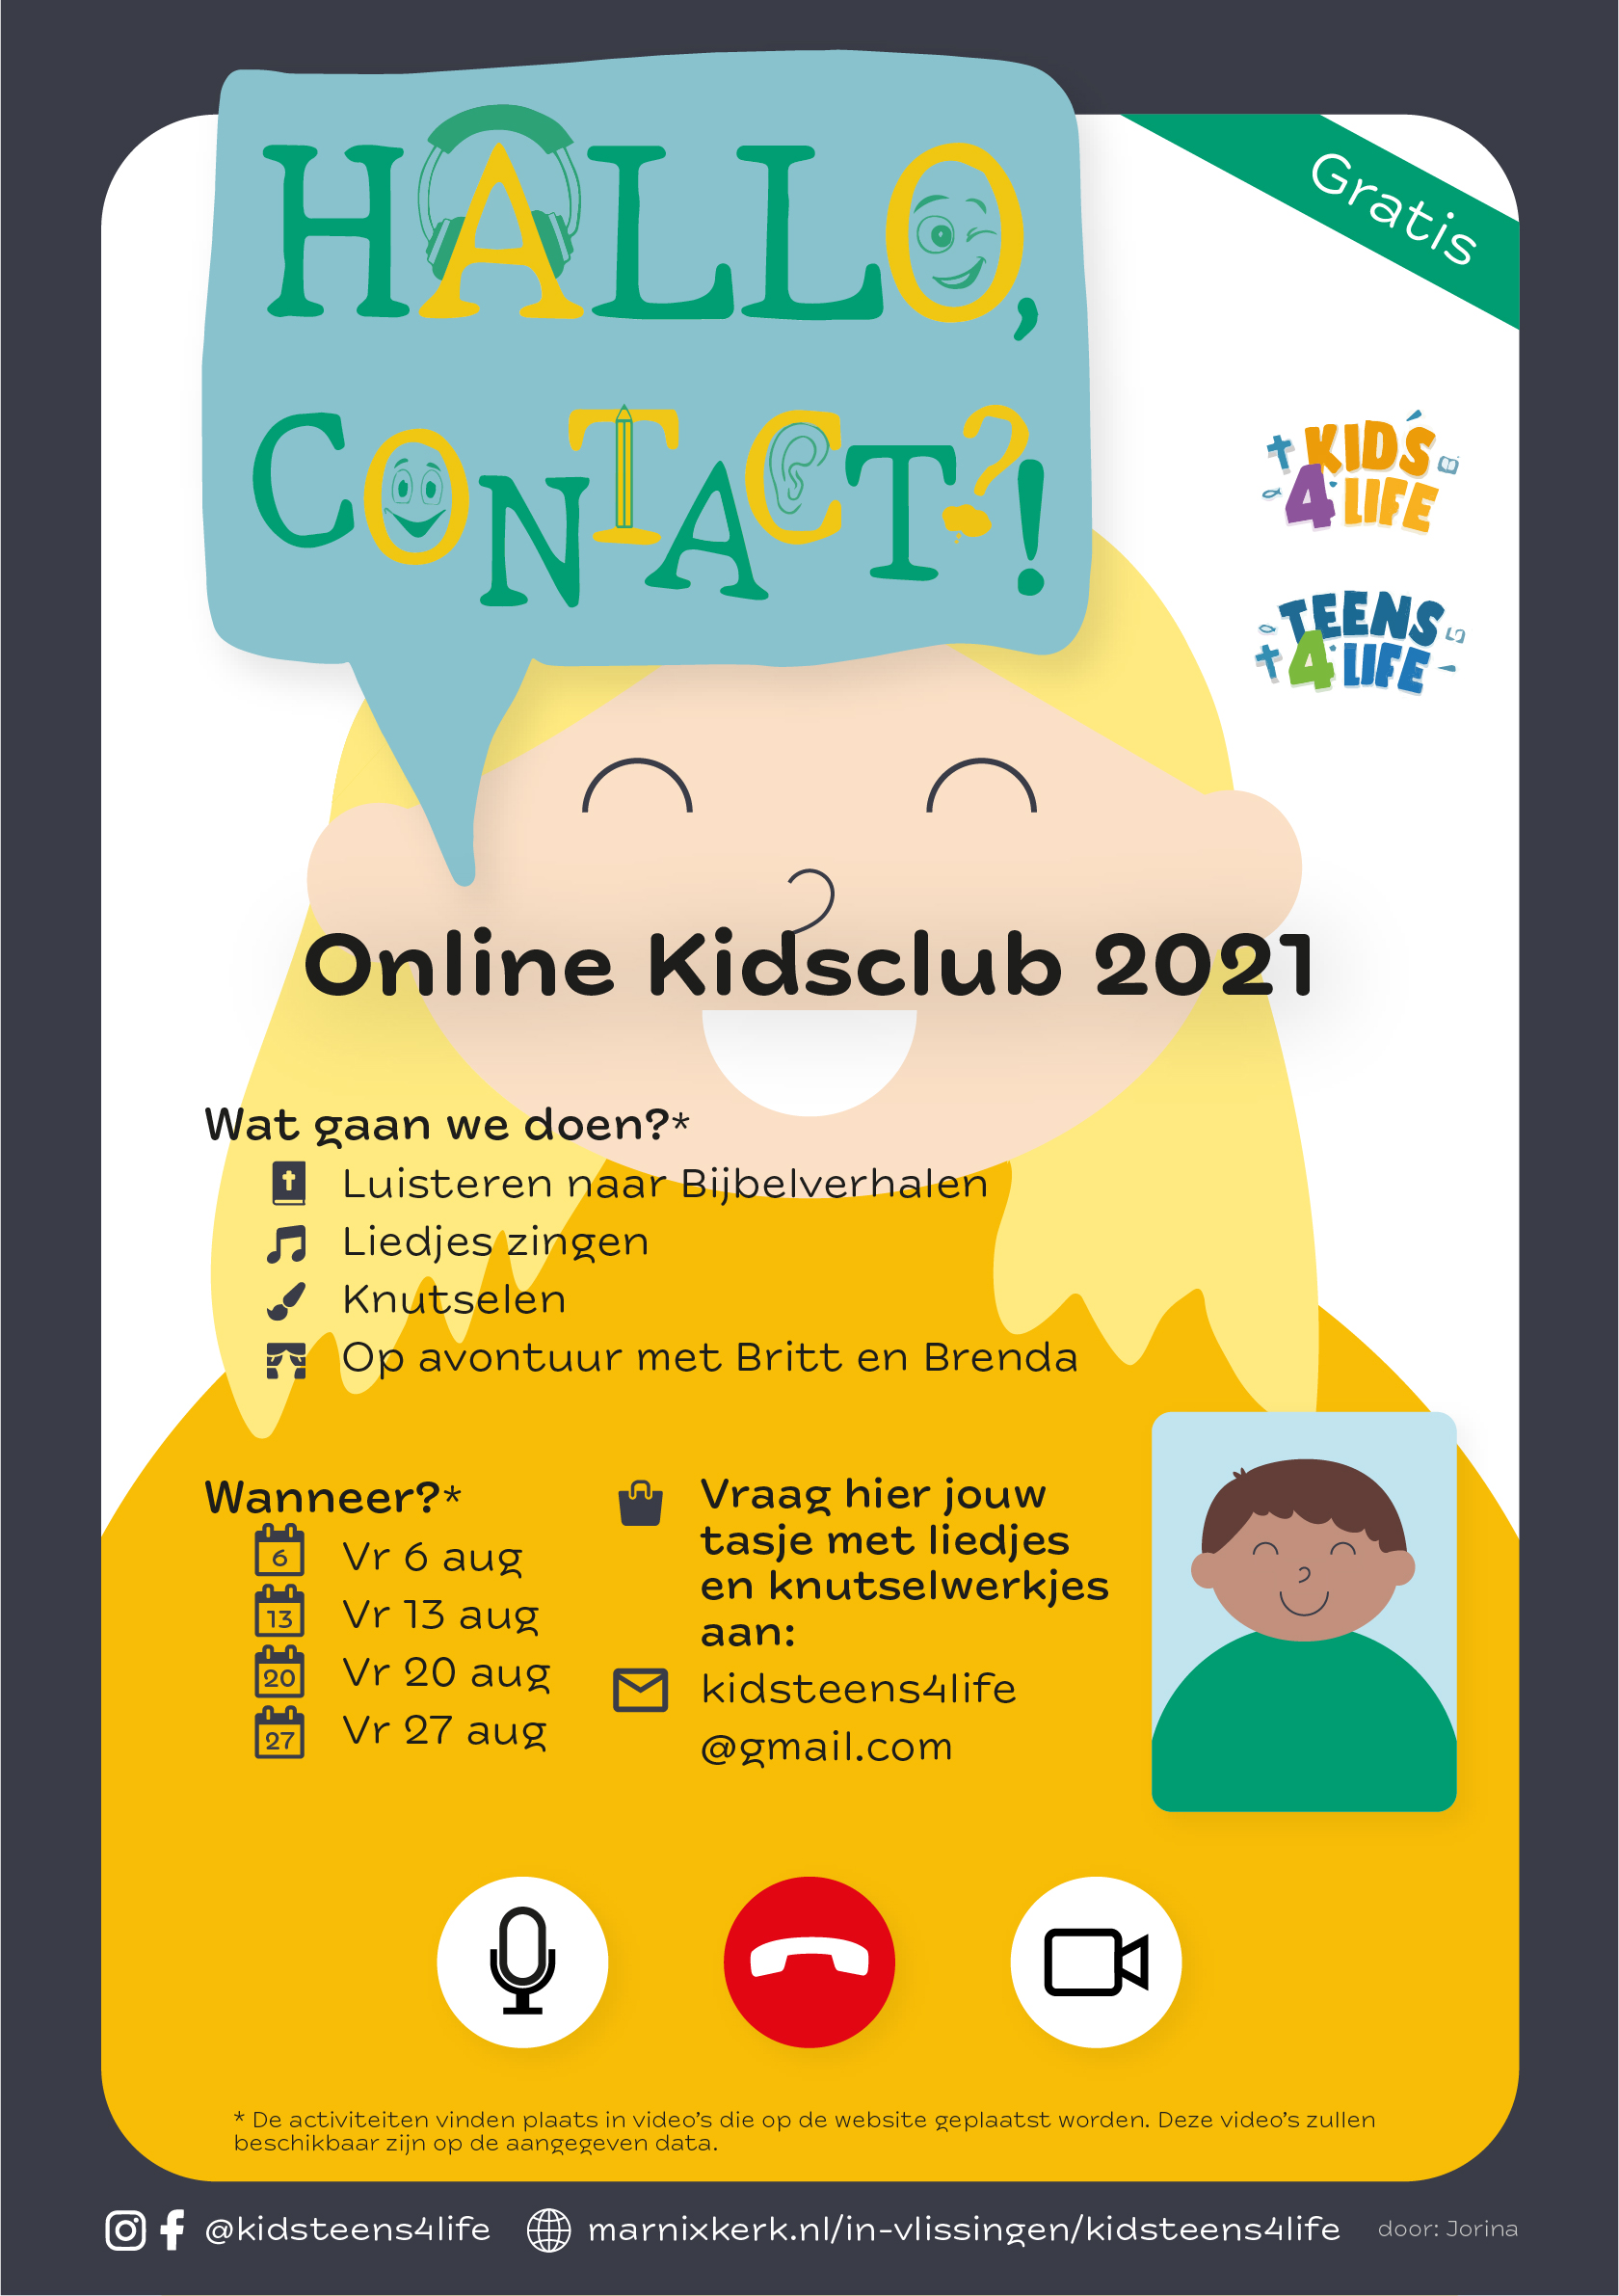 Kidsclub 2021 Flyer